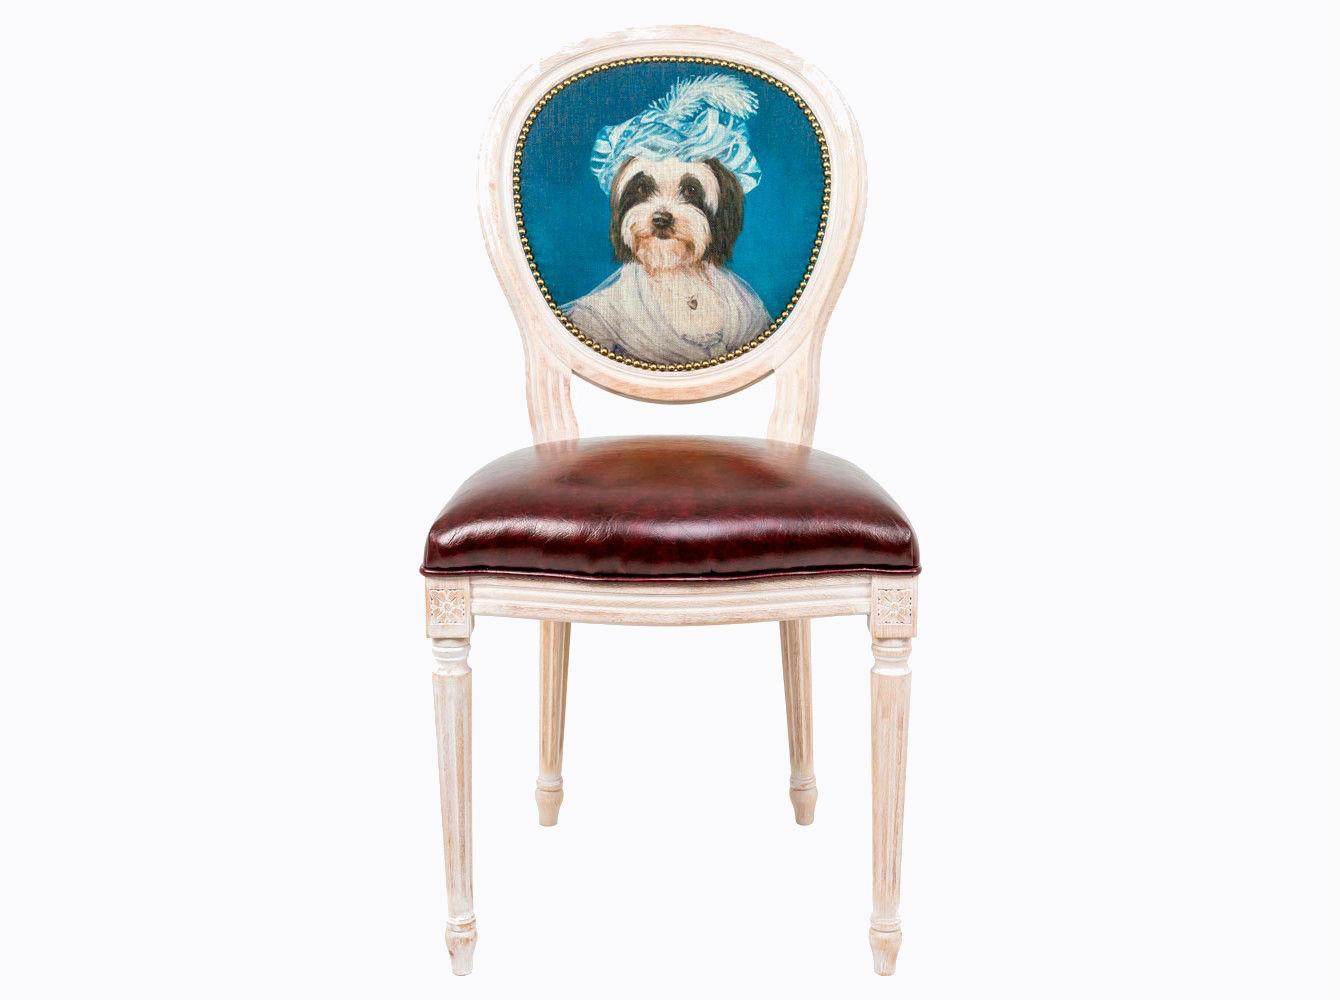 Стул «Музейный экспонат», версия 36Обеденные стулья<br>Корпус стула изготовлен из натурального бука. Среди европейских пород бук чтится самым прочным и долговечным материалом. Обладая широкой, плотной и однородной структурой, он максимально благоприятен для производства мебели и резьбы по дереву. В дизайне &amp;quot;Музейный экспонат&amp;quot; резьба играет ведущую роль: стул украшен вычурными желобками и цветочными узорами, выточенными с ювелирной меткостью. В угоду сегодняшней моде &amp;quot;шебби-шик&amp;quot;, благородная фактура натурального дерева акцентирована рукописной искусственной патиной. Приметы старины обладают специфическим обаянием и теплом.<br>Комфортабельность, прочность и долговечность сиденья обеспечены подвеской из эластичных ремней.<br>Обивка оснащена тефлоновым покрытием против пятен.<br>Не упустите возможности обладания поистине уникальной дизайнерской мебелью, - коллекция &amp;quot;Музейный экспонат&amp;quot; выпущена лимитированными экземплярами.<br>&amp;lt;div&amp;gt;&amp;lt;br&amp;gt;&amp;lt;/div&amp;gt;&amp;lt;div&amp;gt;Каркас - натуральное дерево бука, обивка сиденья и оборотной стороны спинки - эко-кожа, обивка спинки: 29% лен, 9 % хлопок, 72% полиэстер&amp;lt;br&amp;gt;&amp;lt;/div&amp;gt;<br><br>Material: Дерево<br>Ширина см: 55<br>Высота см: 95<br>Глубина см: 50